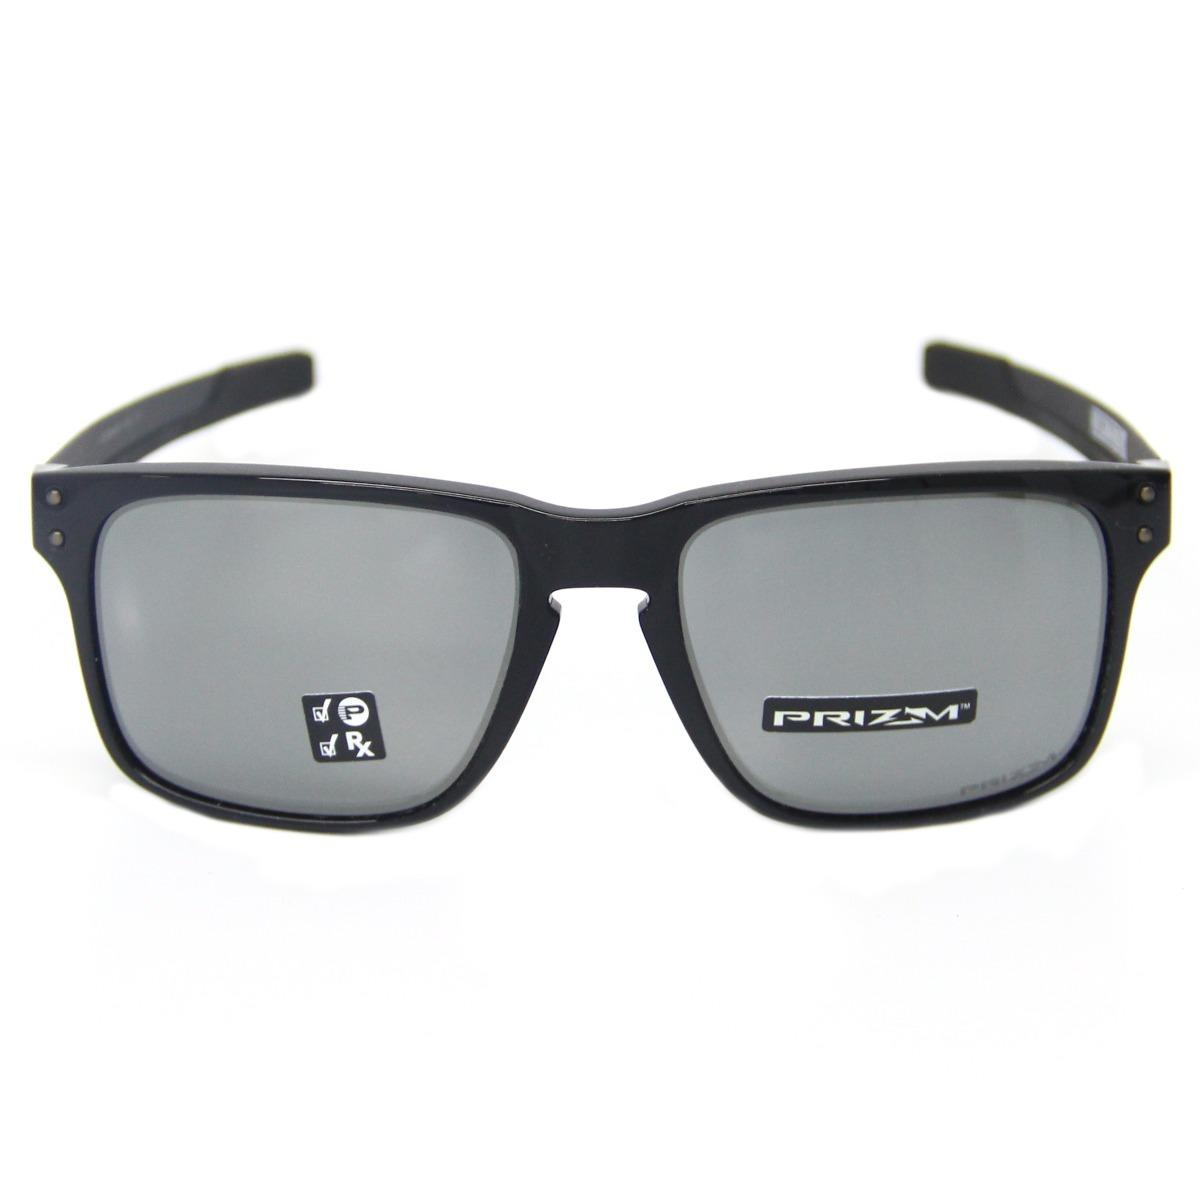 Óculos De Sol Polarizado Oakley Oo9384 Masculino - R  679,00 em ... 980ee03d5f